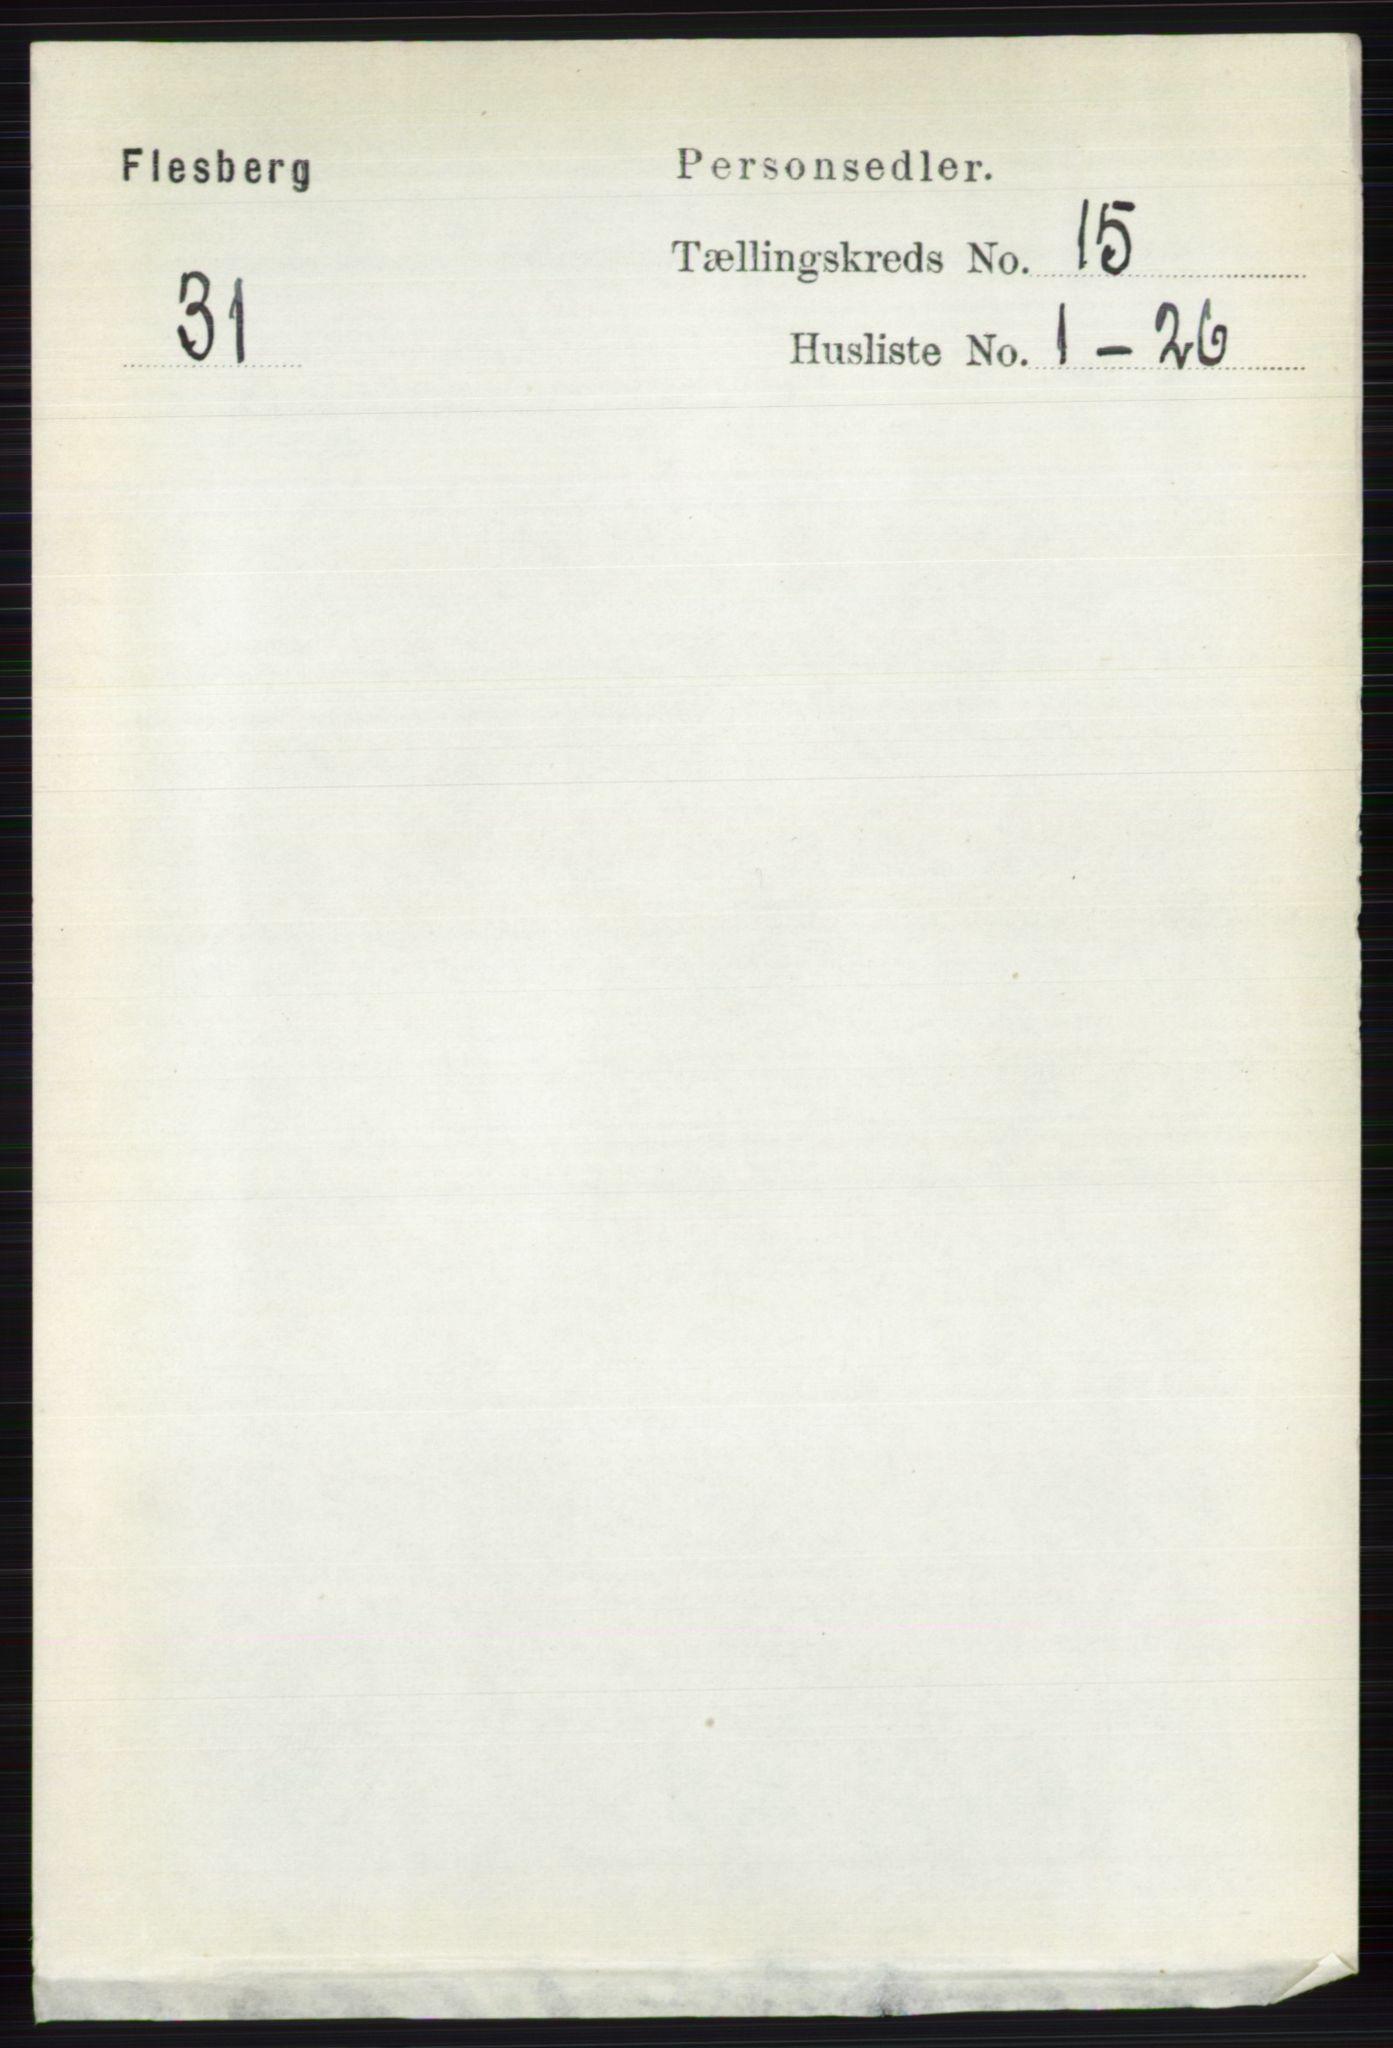 RA, Folketelling 1891 for 0631 Flesberg herred, 1891, s. 2692